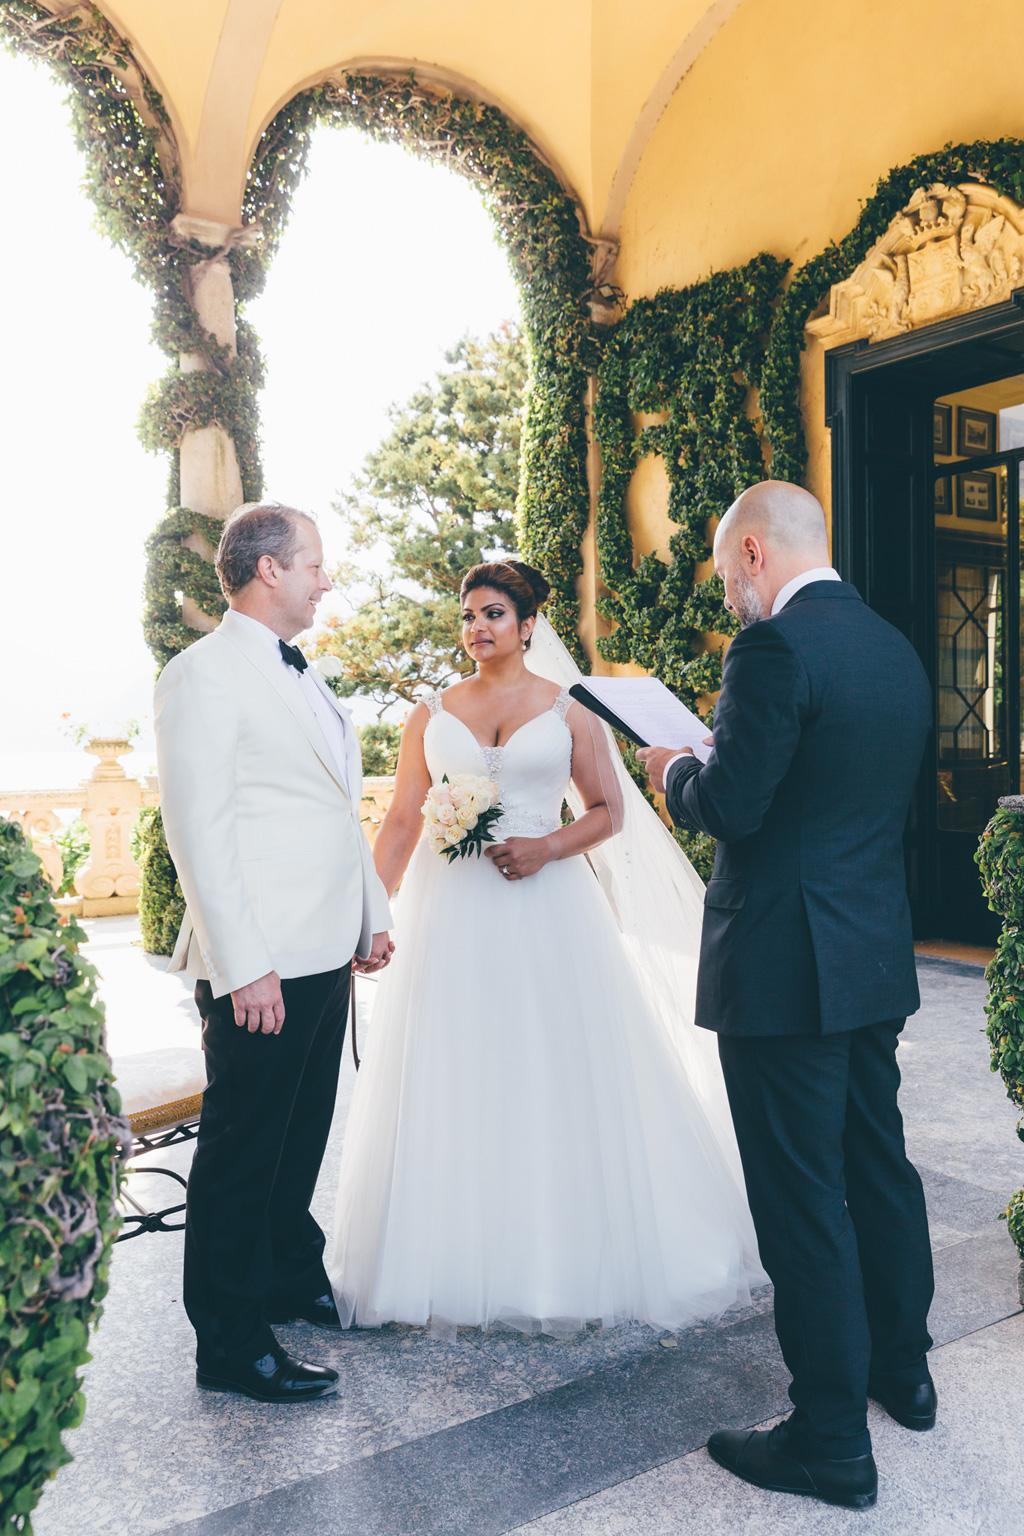 I due sposi, William e Tara, si contemplano mano nella mano presso Villa del Balbaniello